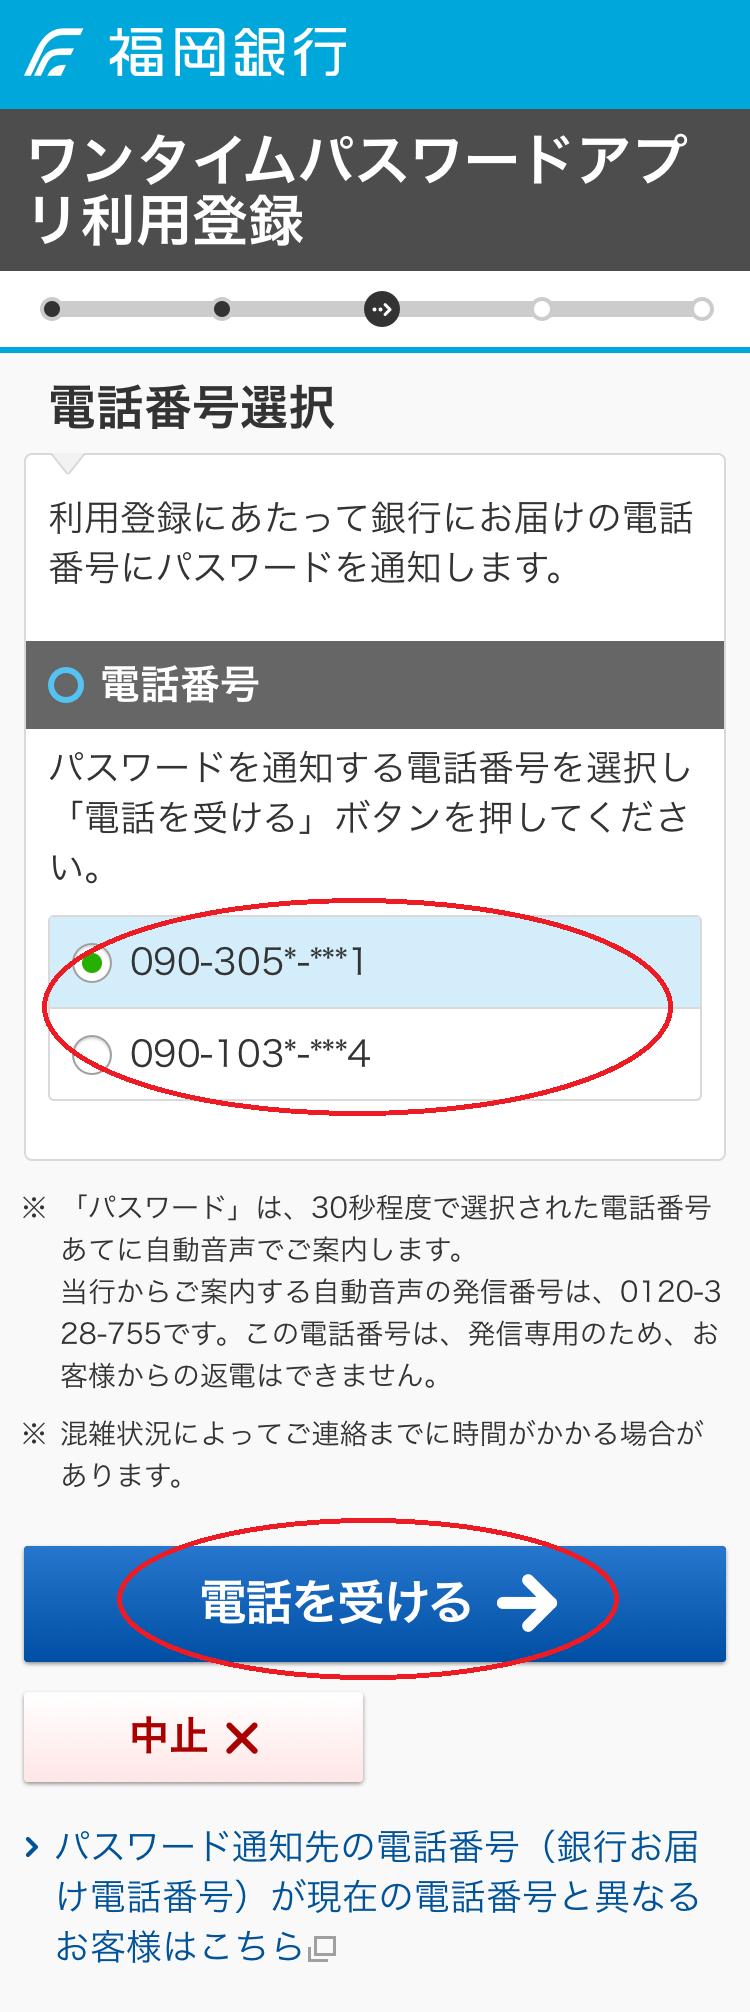 0120 検索 電話 番号